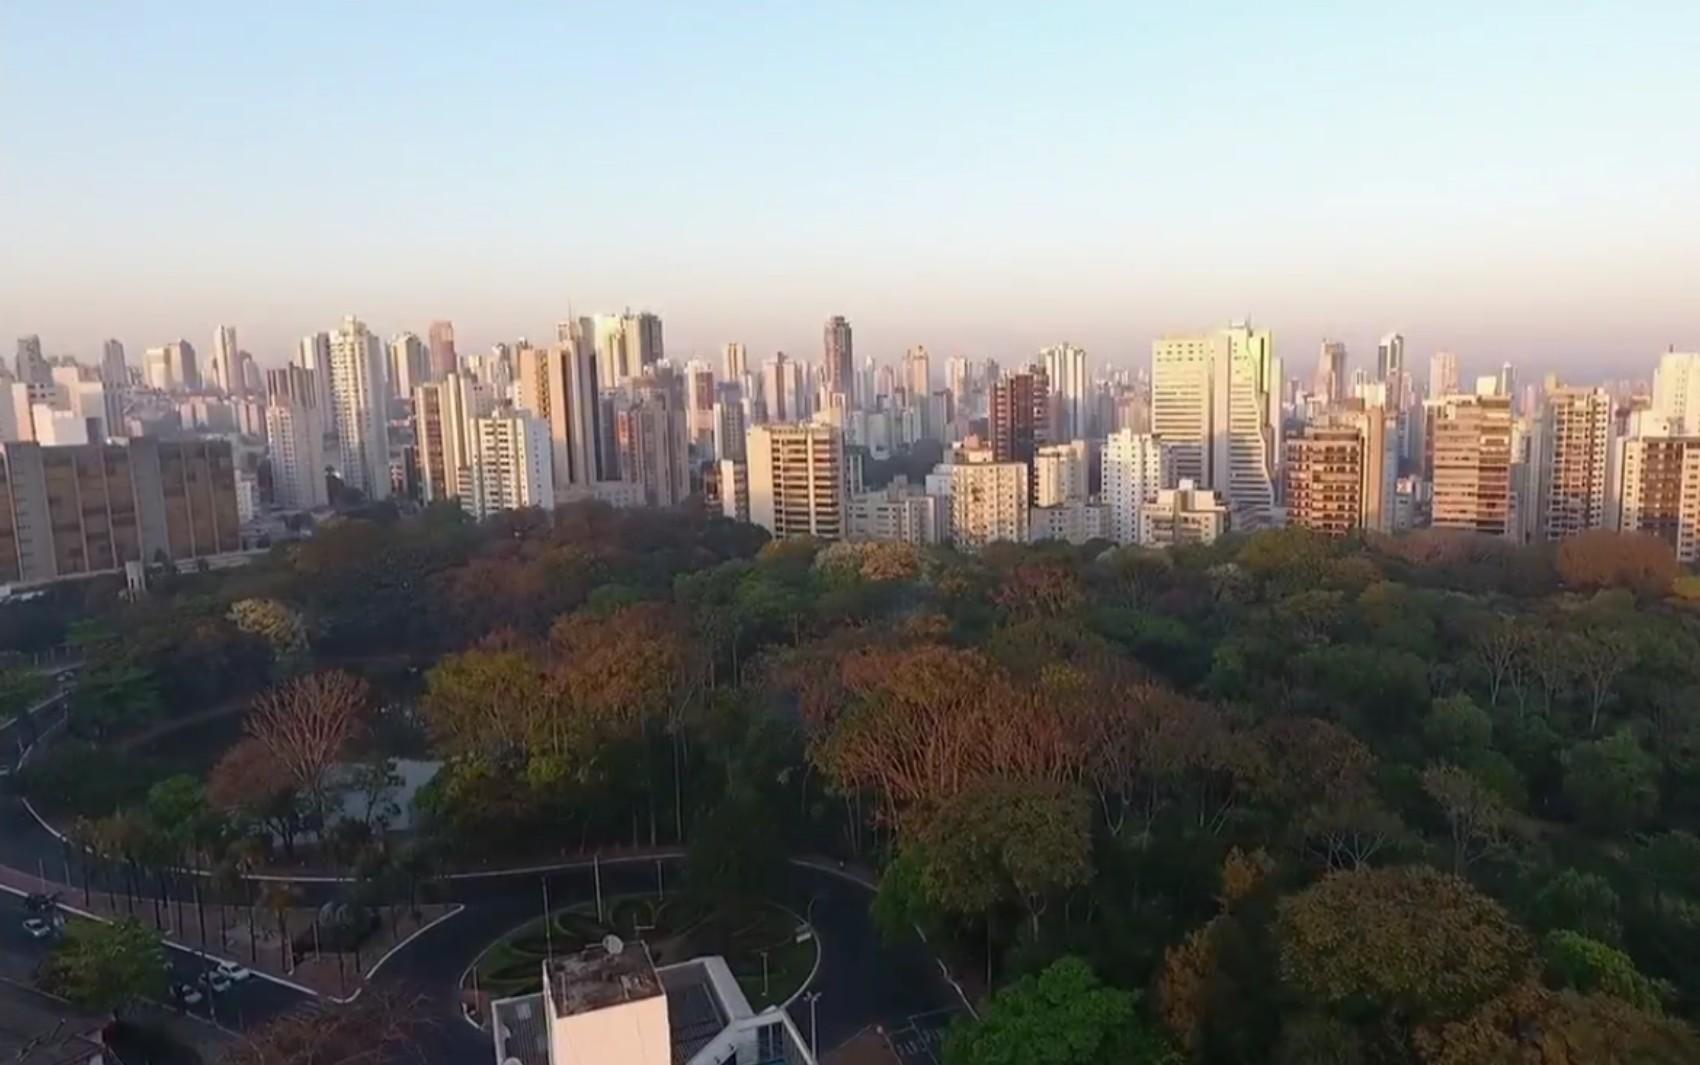 Fundo permite investimento no mercado imobiliário de Goiás com cotas a partir de R$ 115